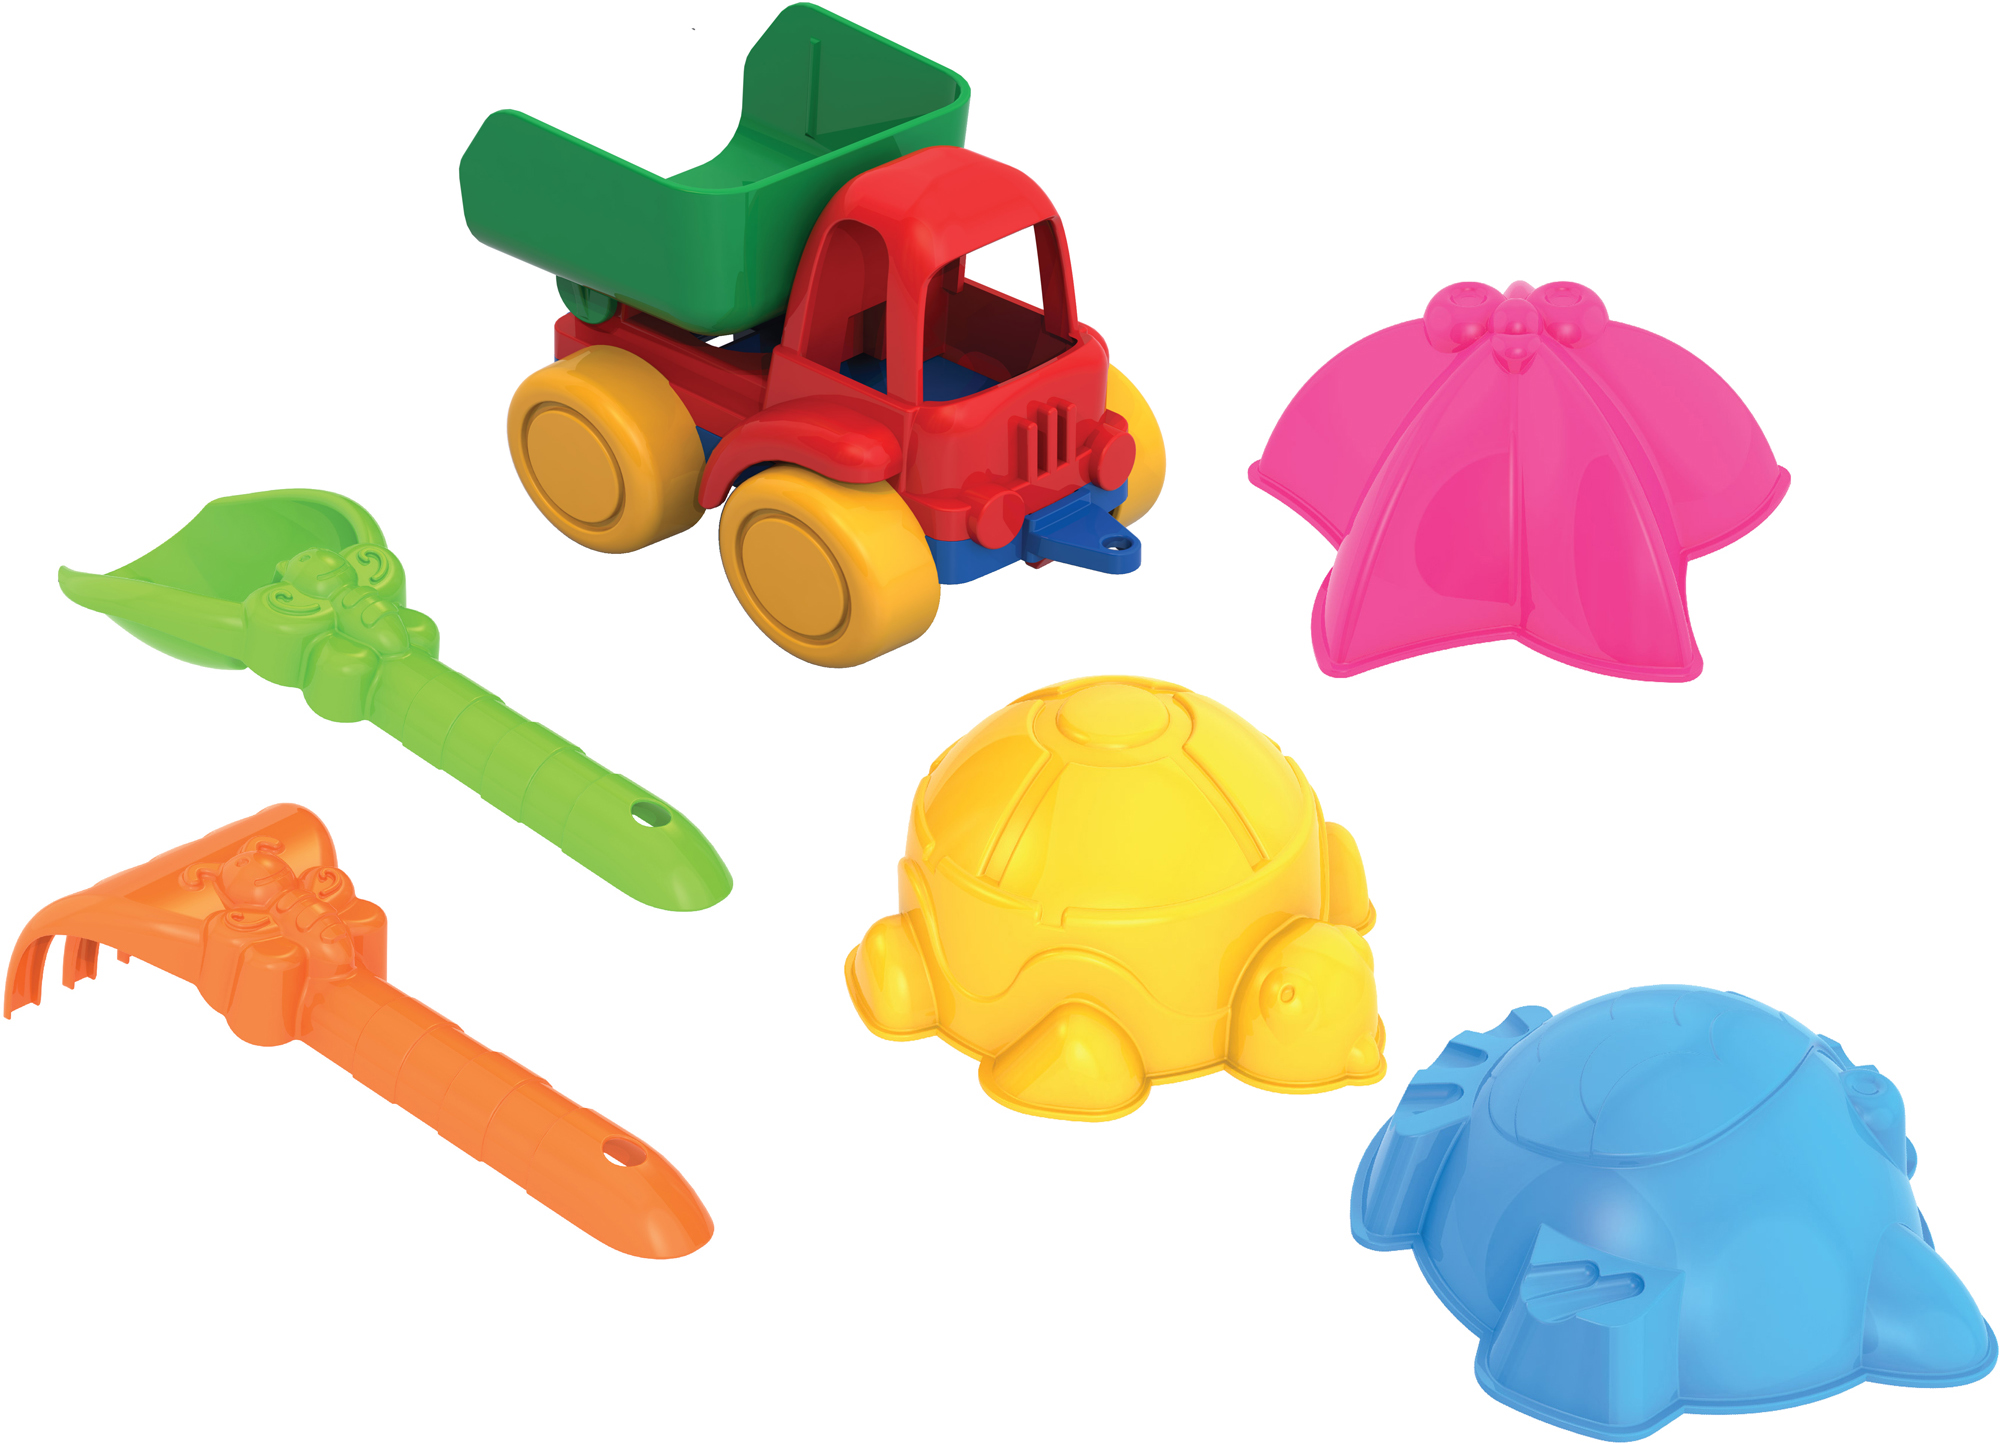 Купить Игрушки для песка, Нордпласт №41 (198+199+029+101/1), Россия, в ассортименте